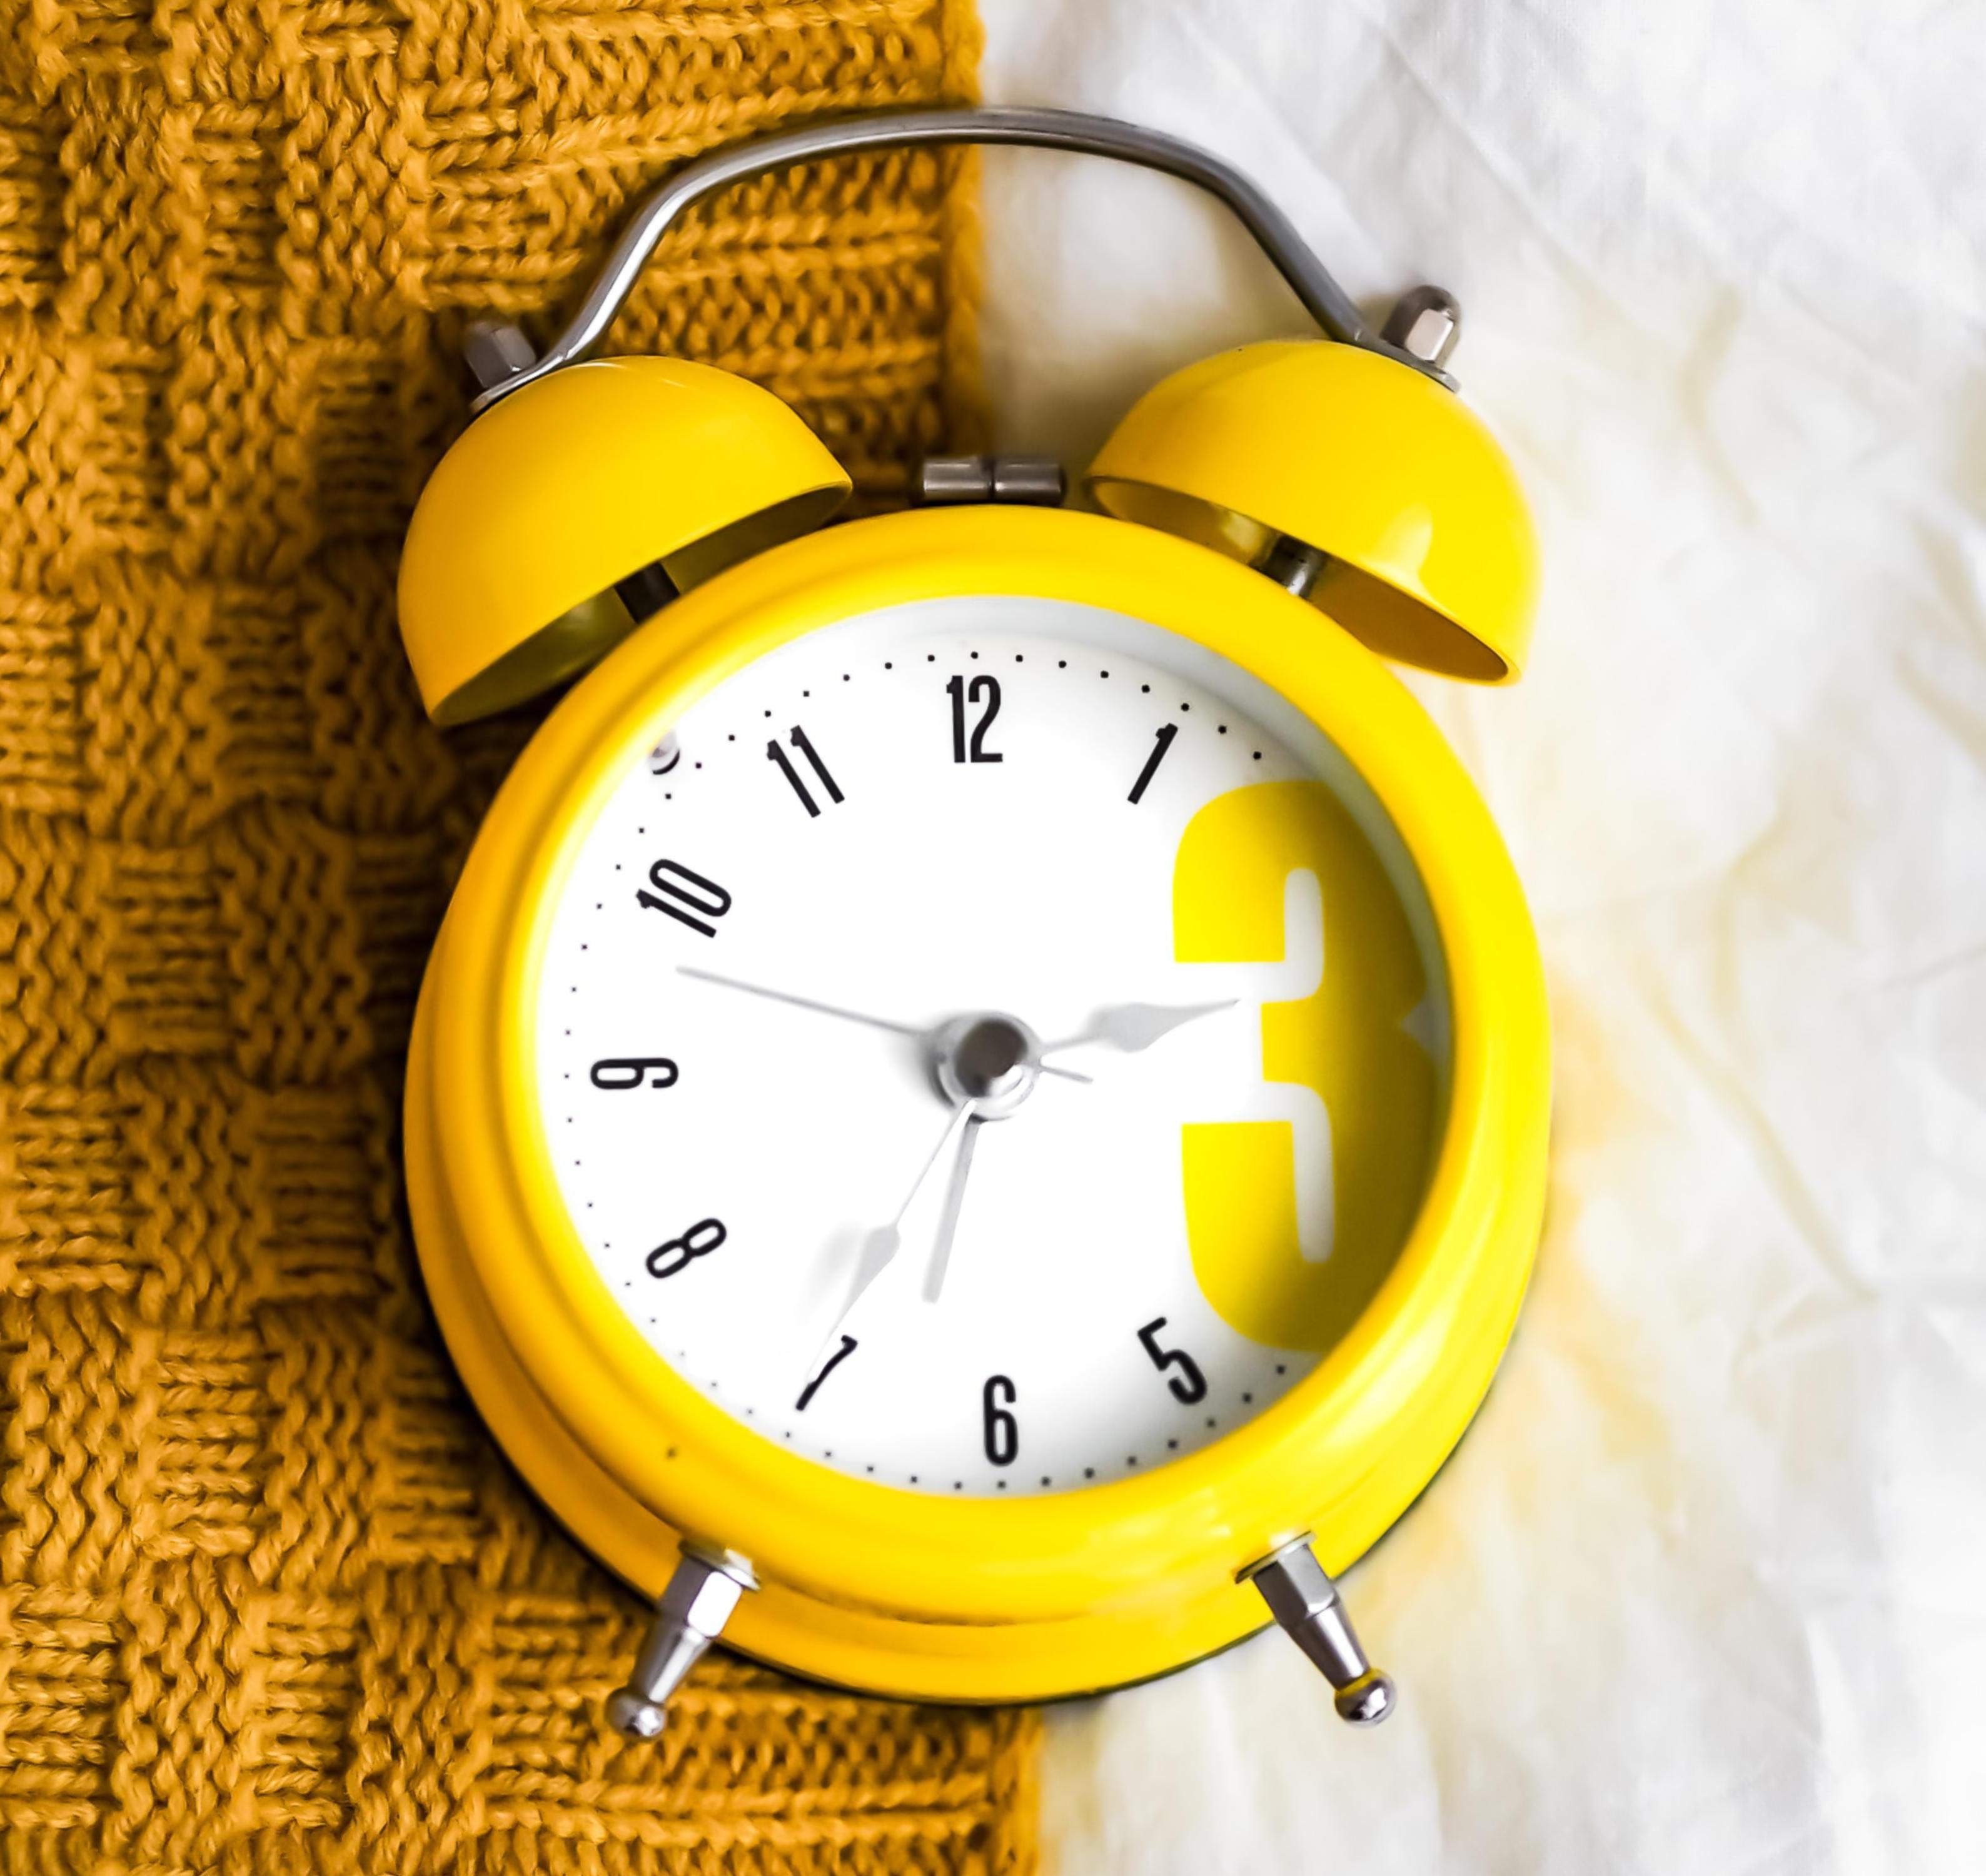 Les mobinautes passent plus de 3h par jour sur internet